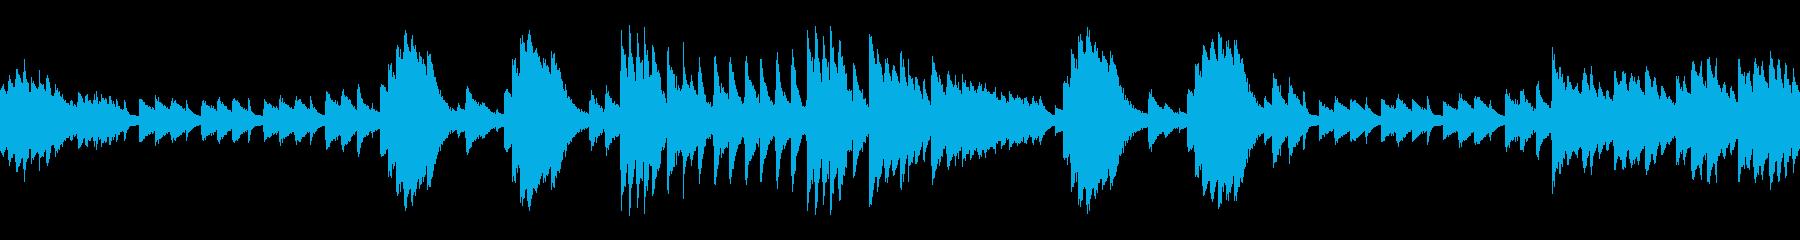 悲しく少し怖い雰囲気の曲(ループ仕様)の再生済みの波形